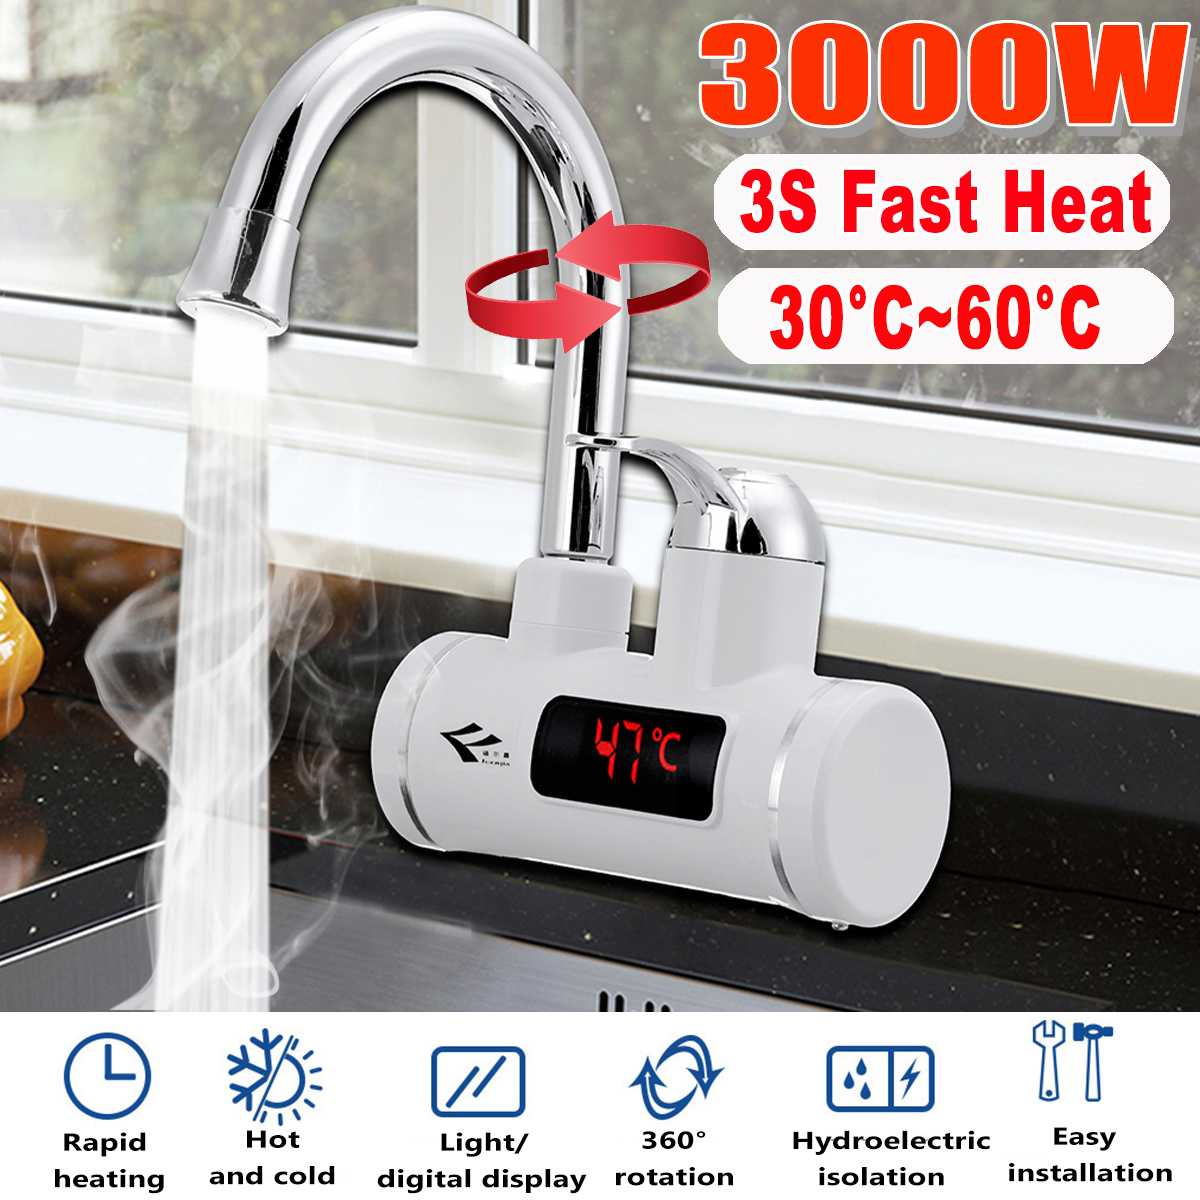 3000W électrique cuisine chauffe-eau robinet instantané eau chaude robinet chauffage froid robinet chauffe-eau instantané sans réservoir